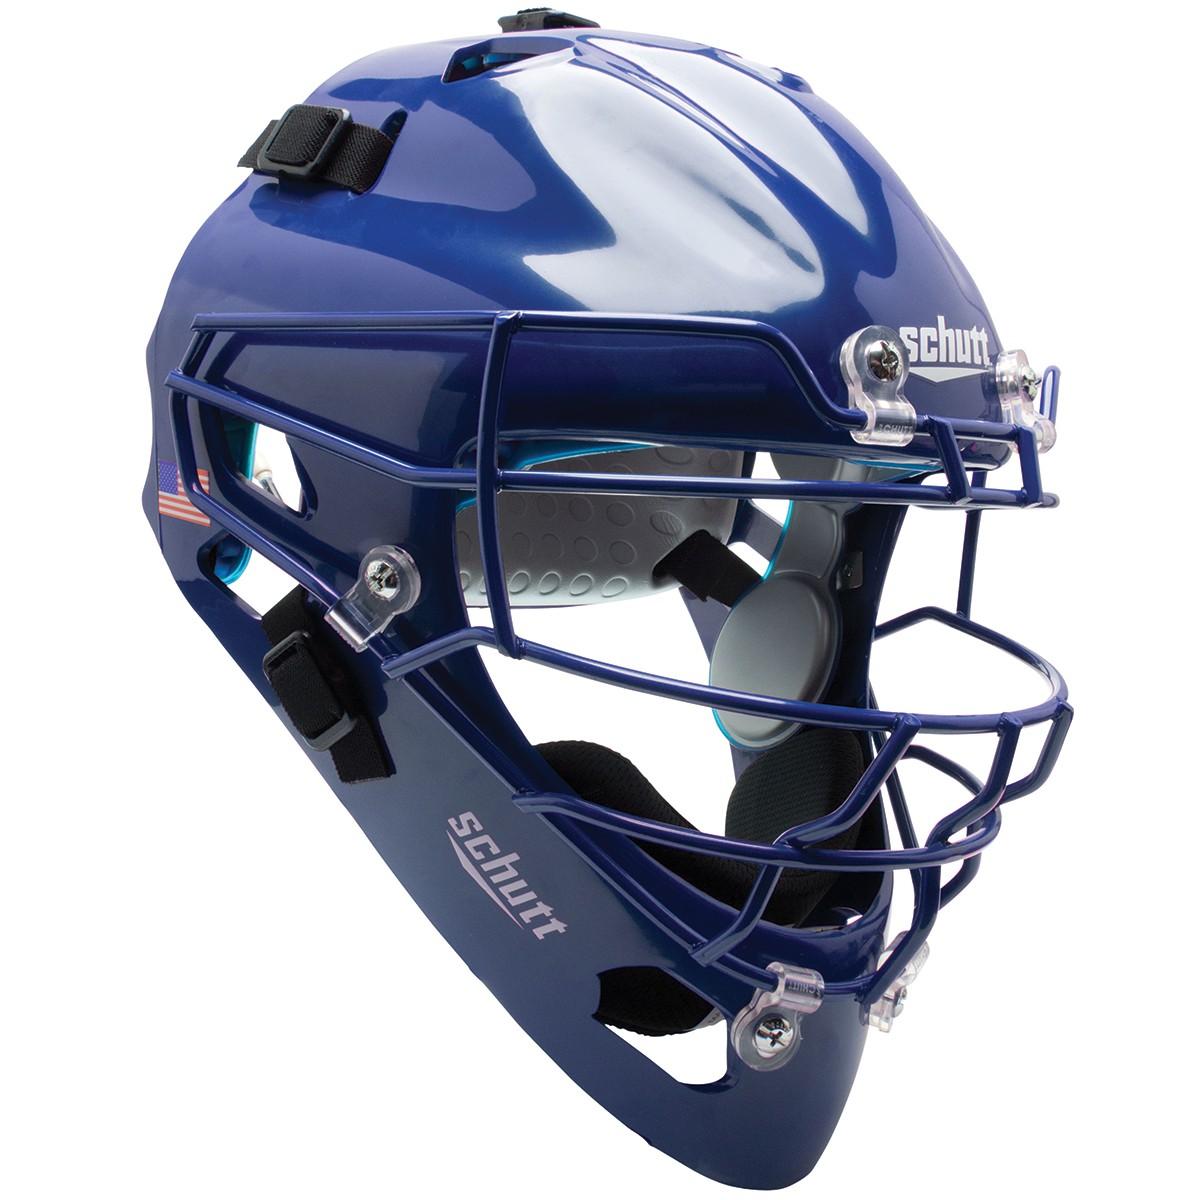 Schutt 2966 Air Maxx Catchers Helmet Molded